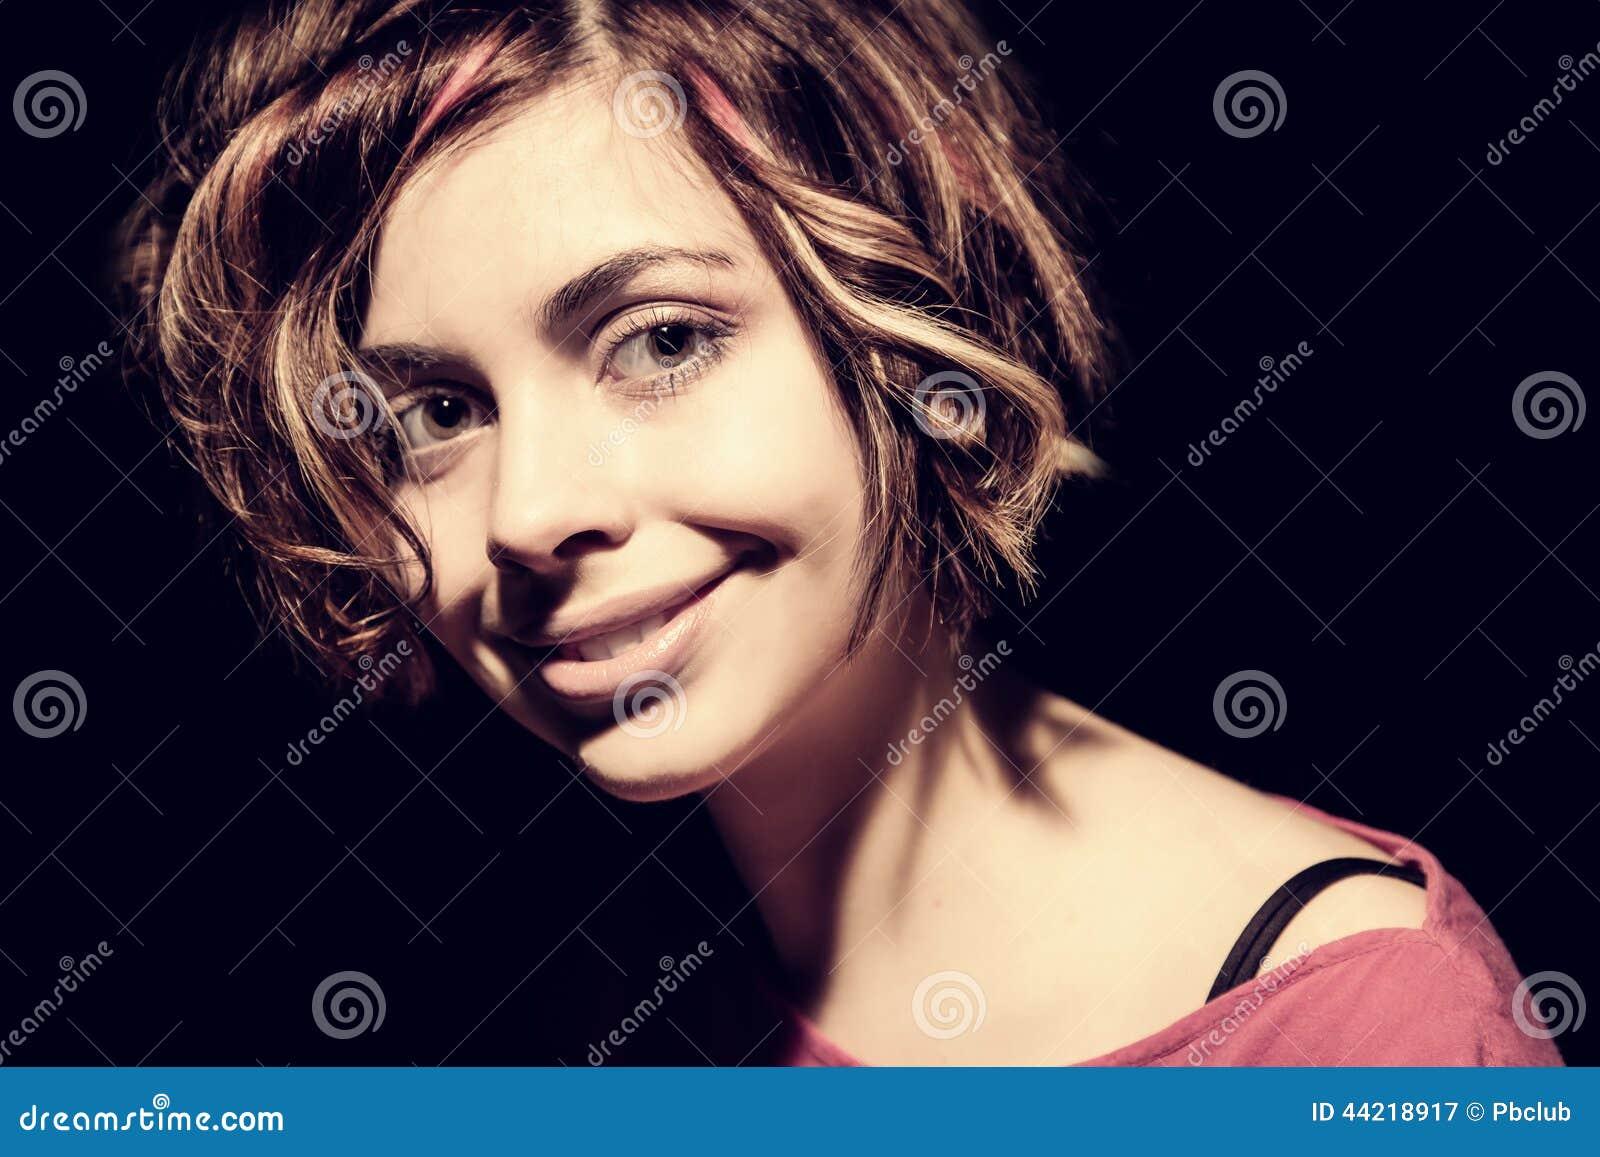 Porträt einer Frau in der hochauflösenden Beleuchtung